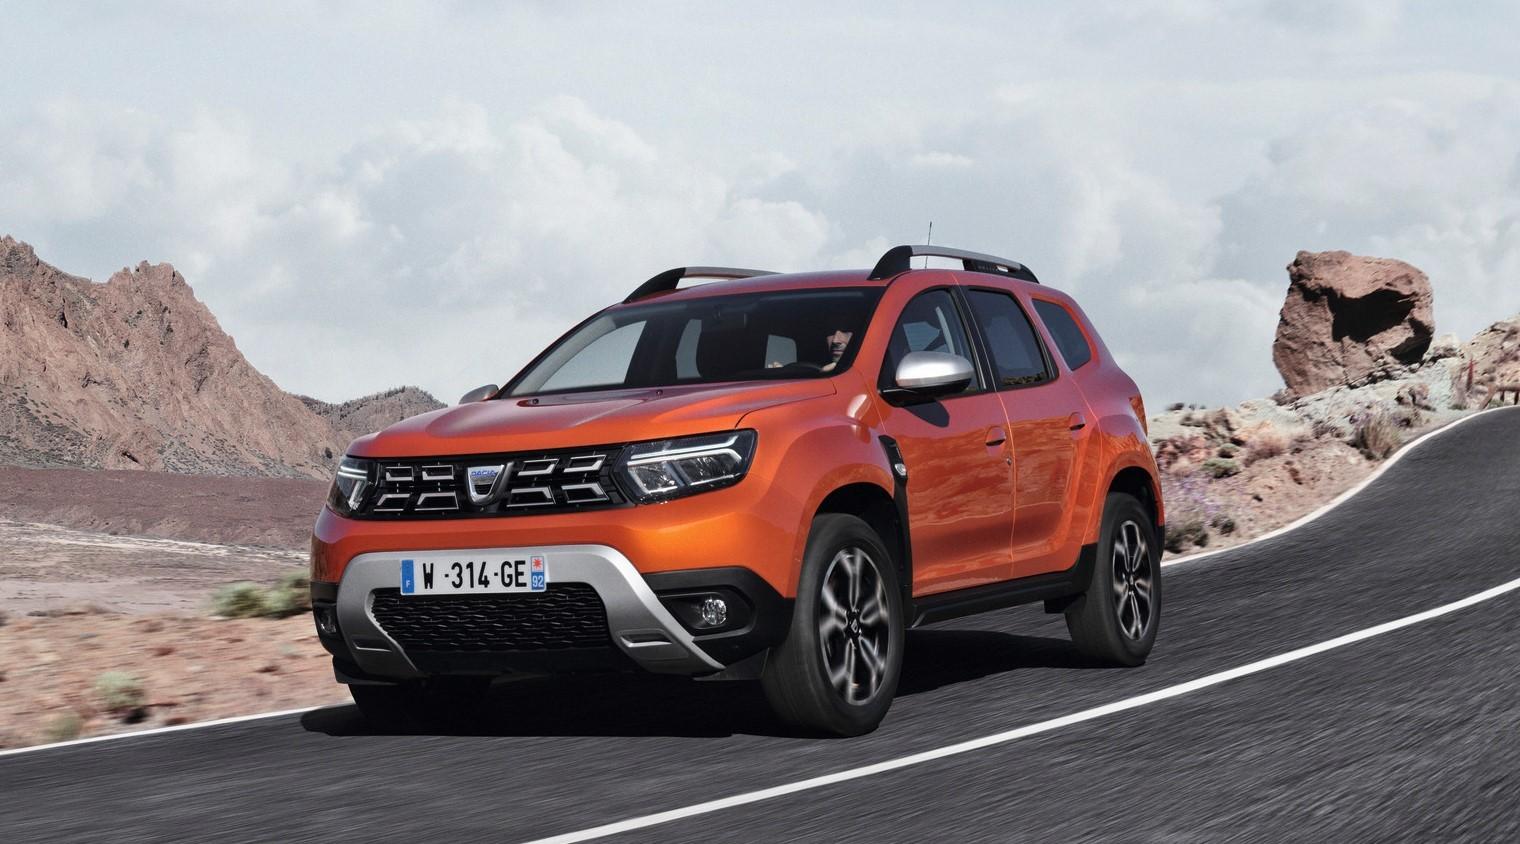 Noua Dacia Duster poate fi comandată începând de miercuri de la agenții autorizați. Preţul porneşte de la 14.100 euro